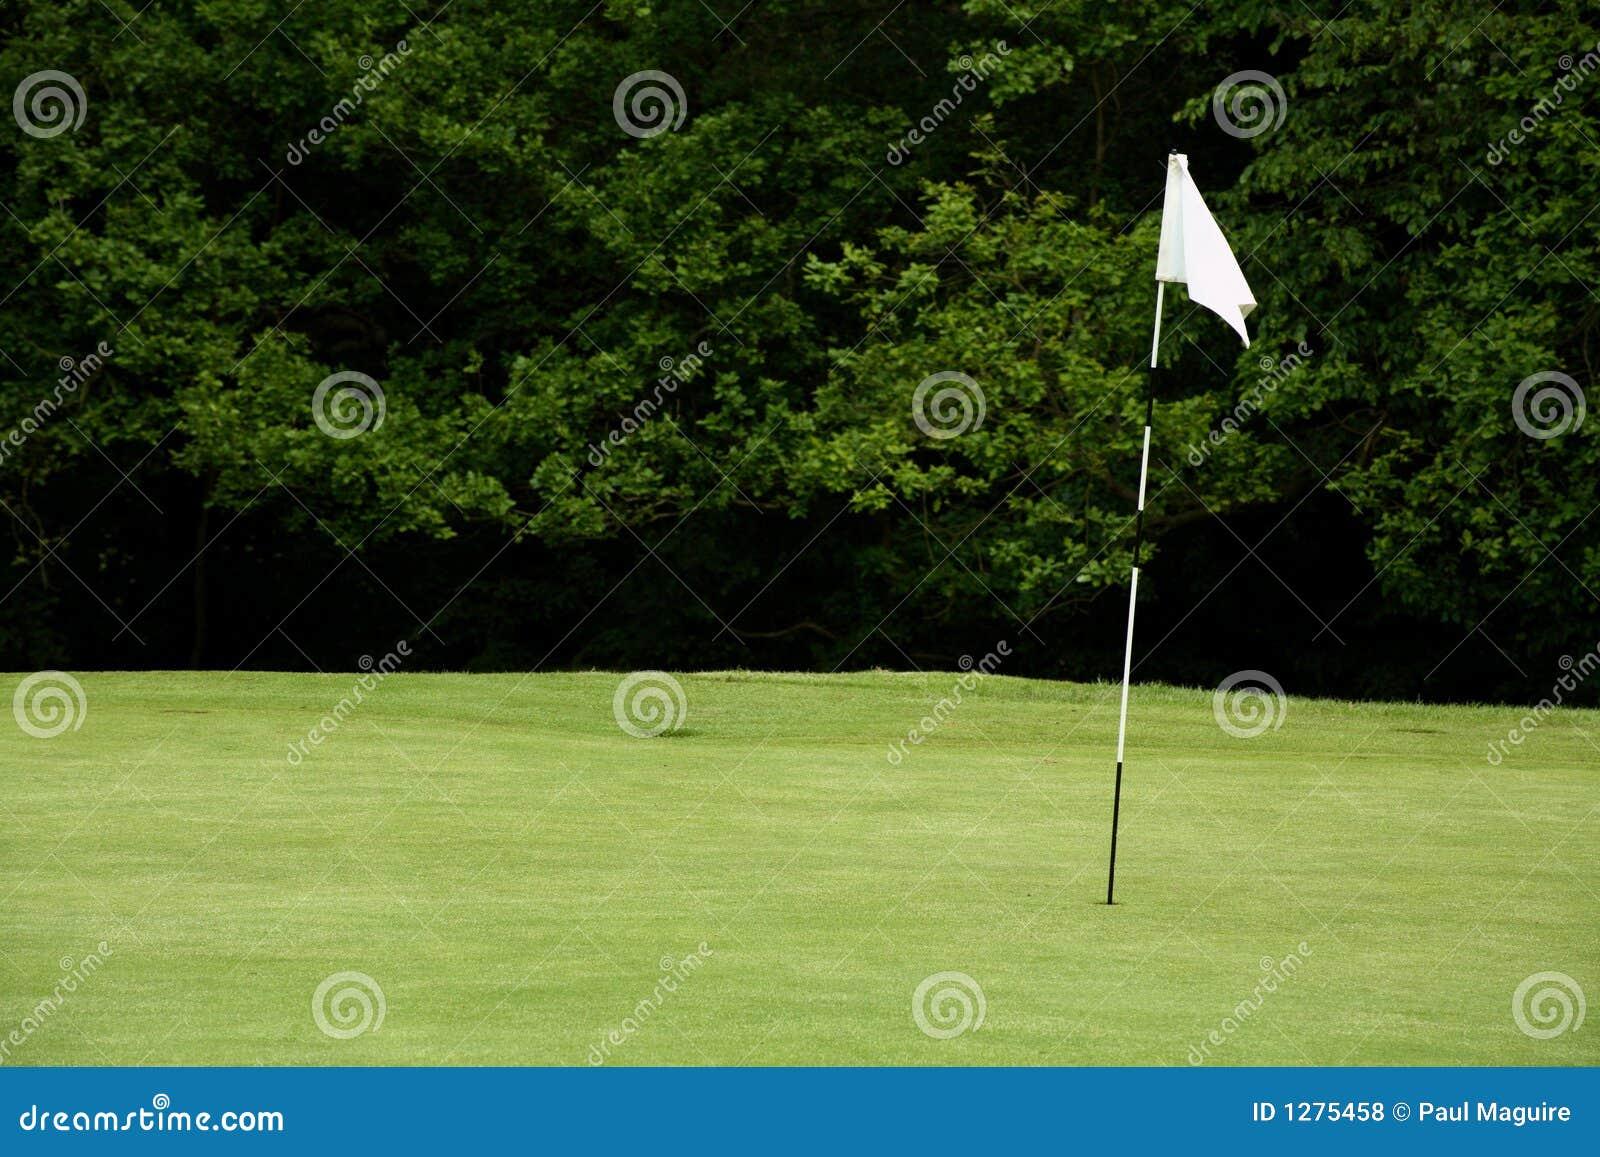 Flagpole di golf